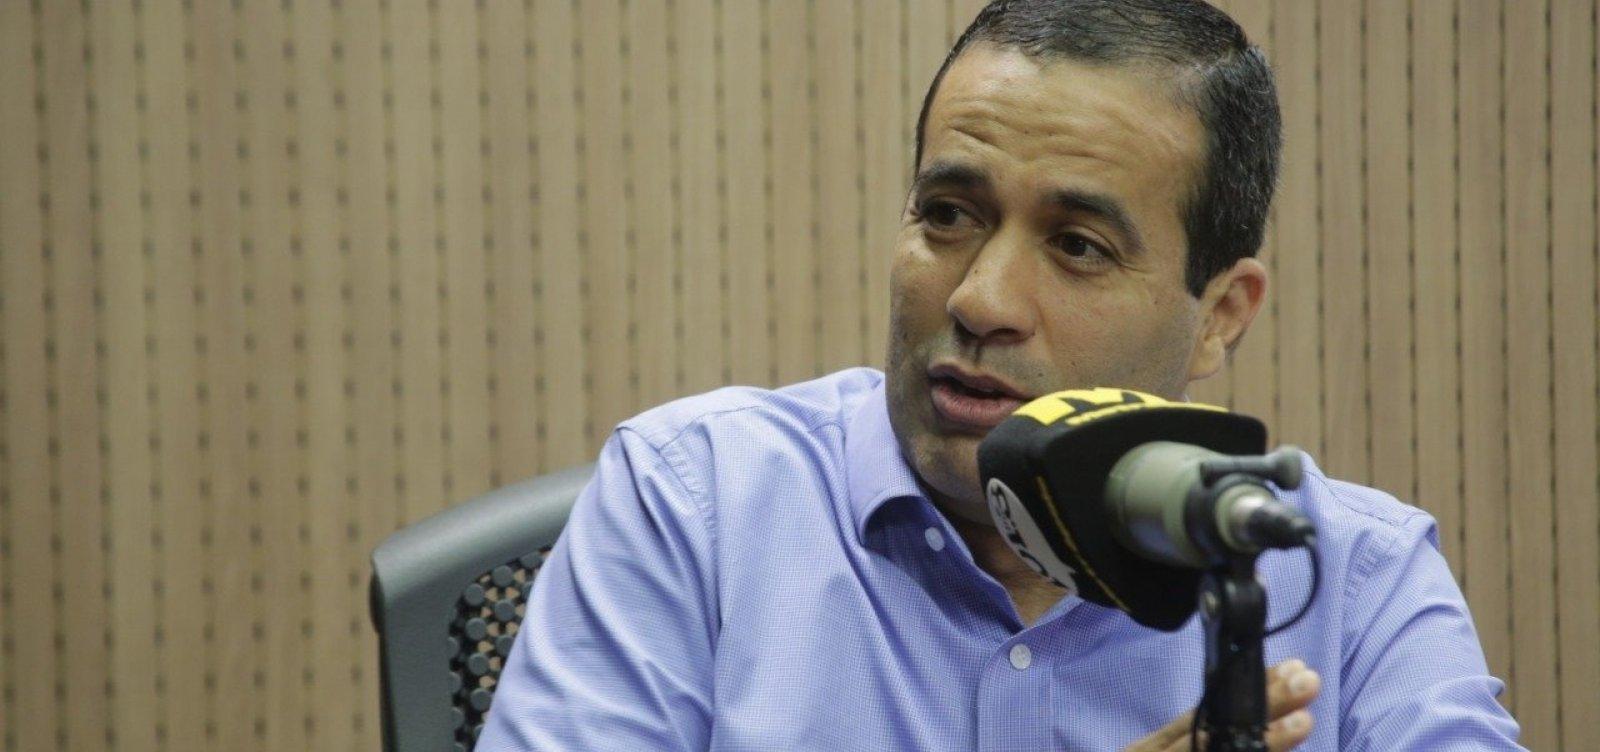 [Pré-candidato, Bruno Reis diz que Neto ainda não definiu apoio: 'Está testando os nomes']